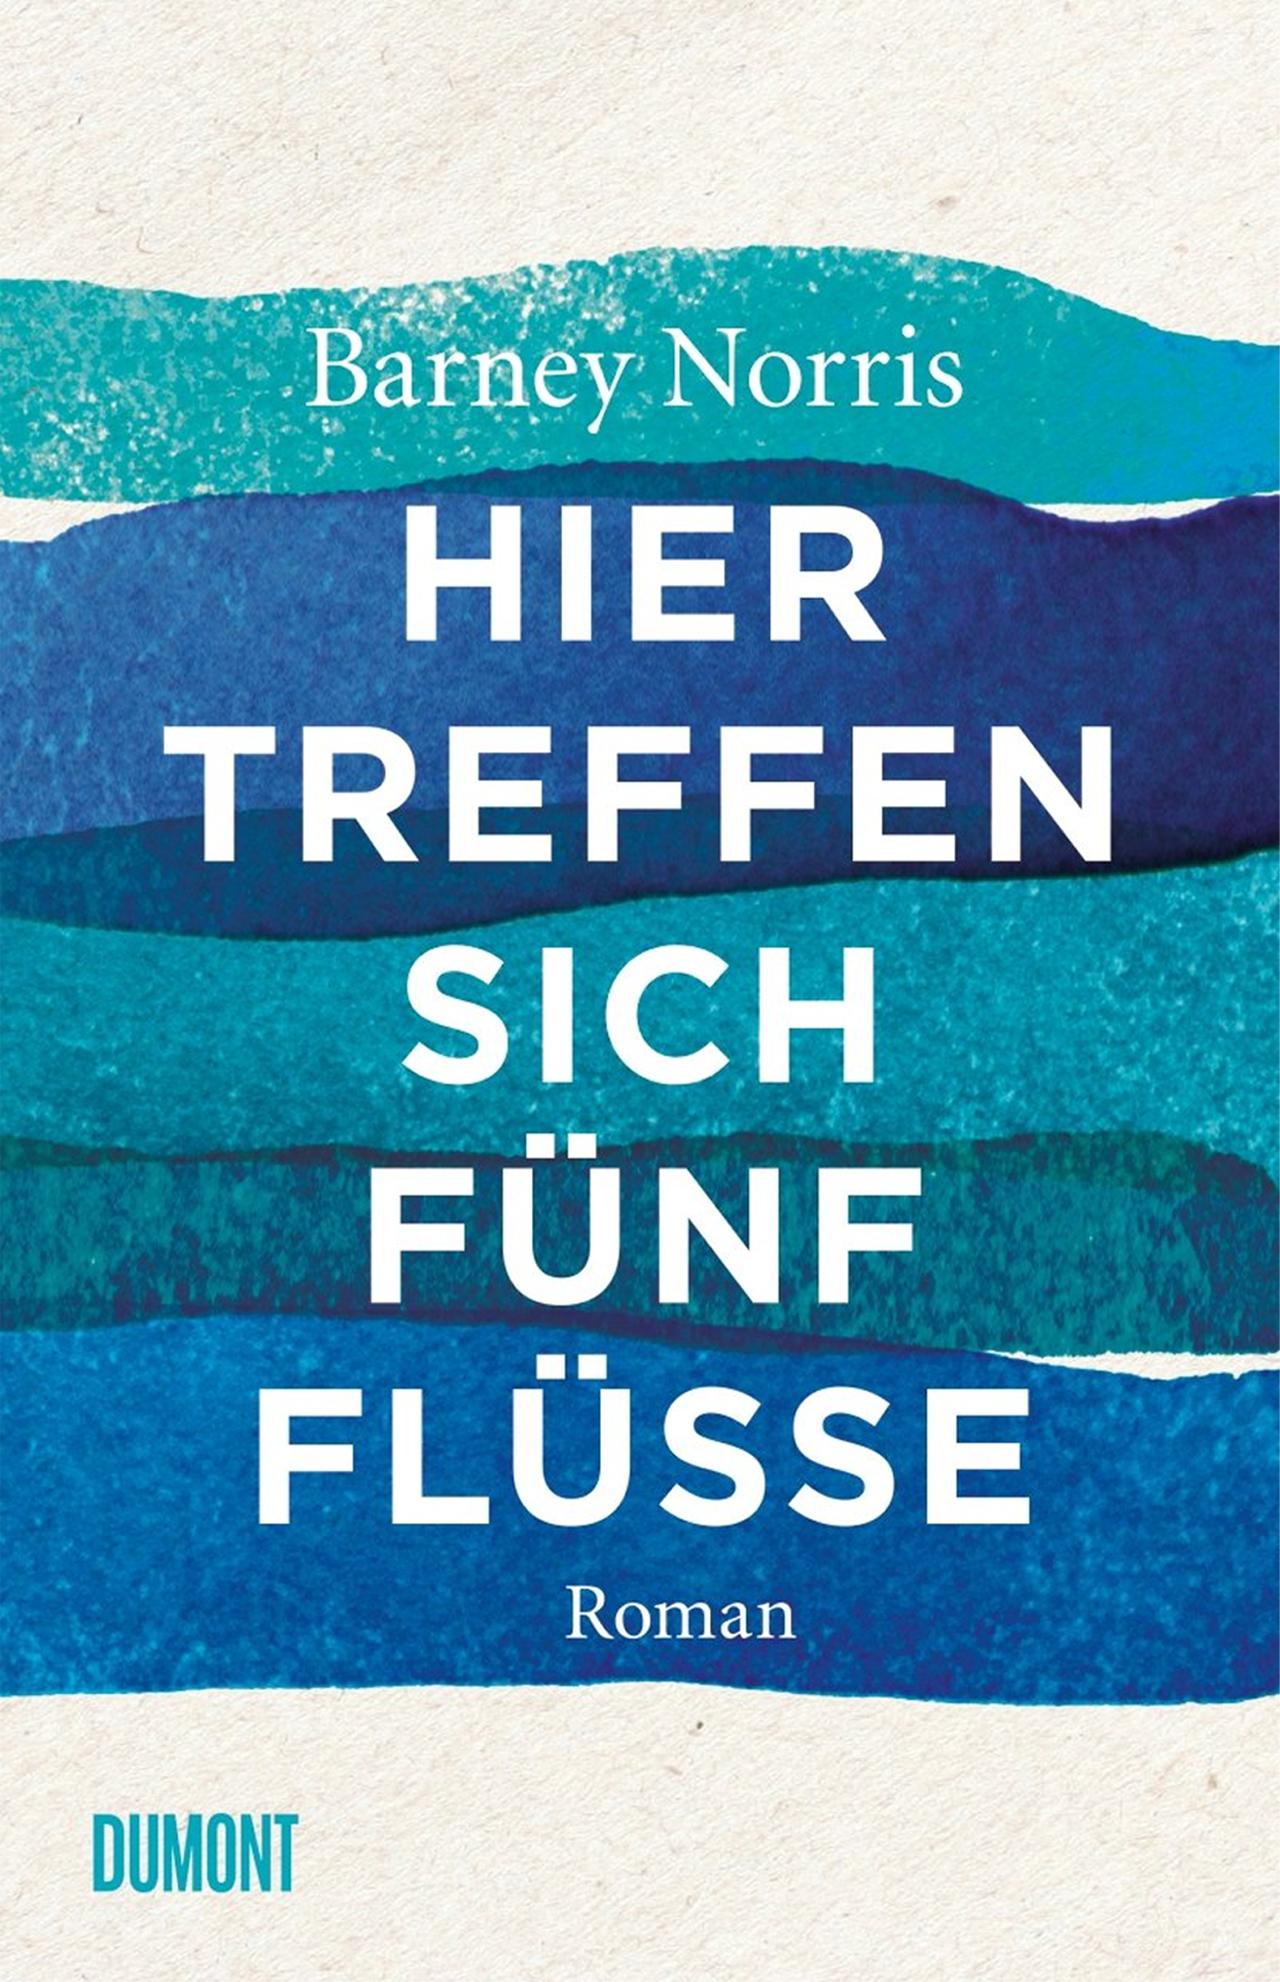 Buchcover: fünf verschieden blaue Streifen